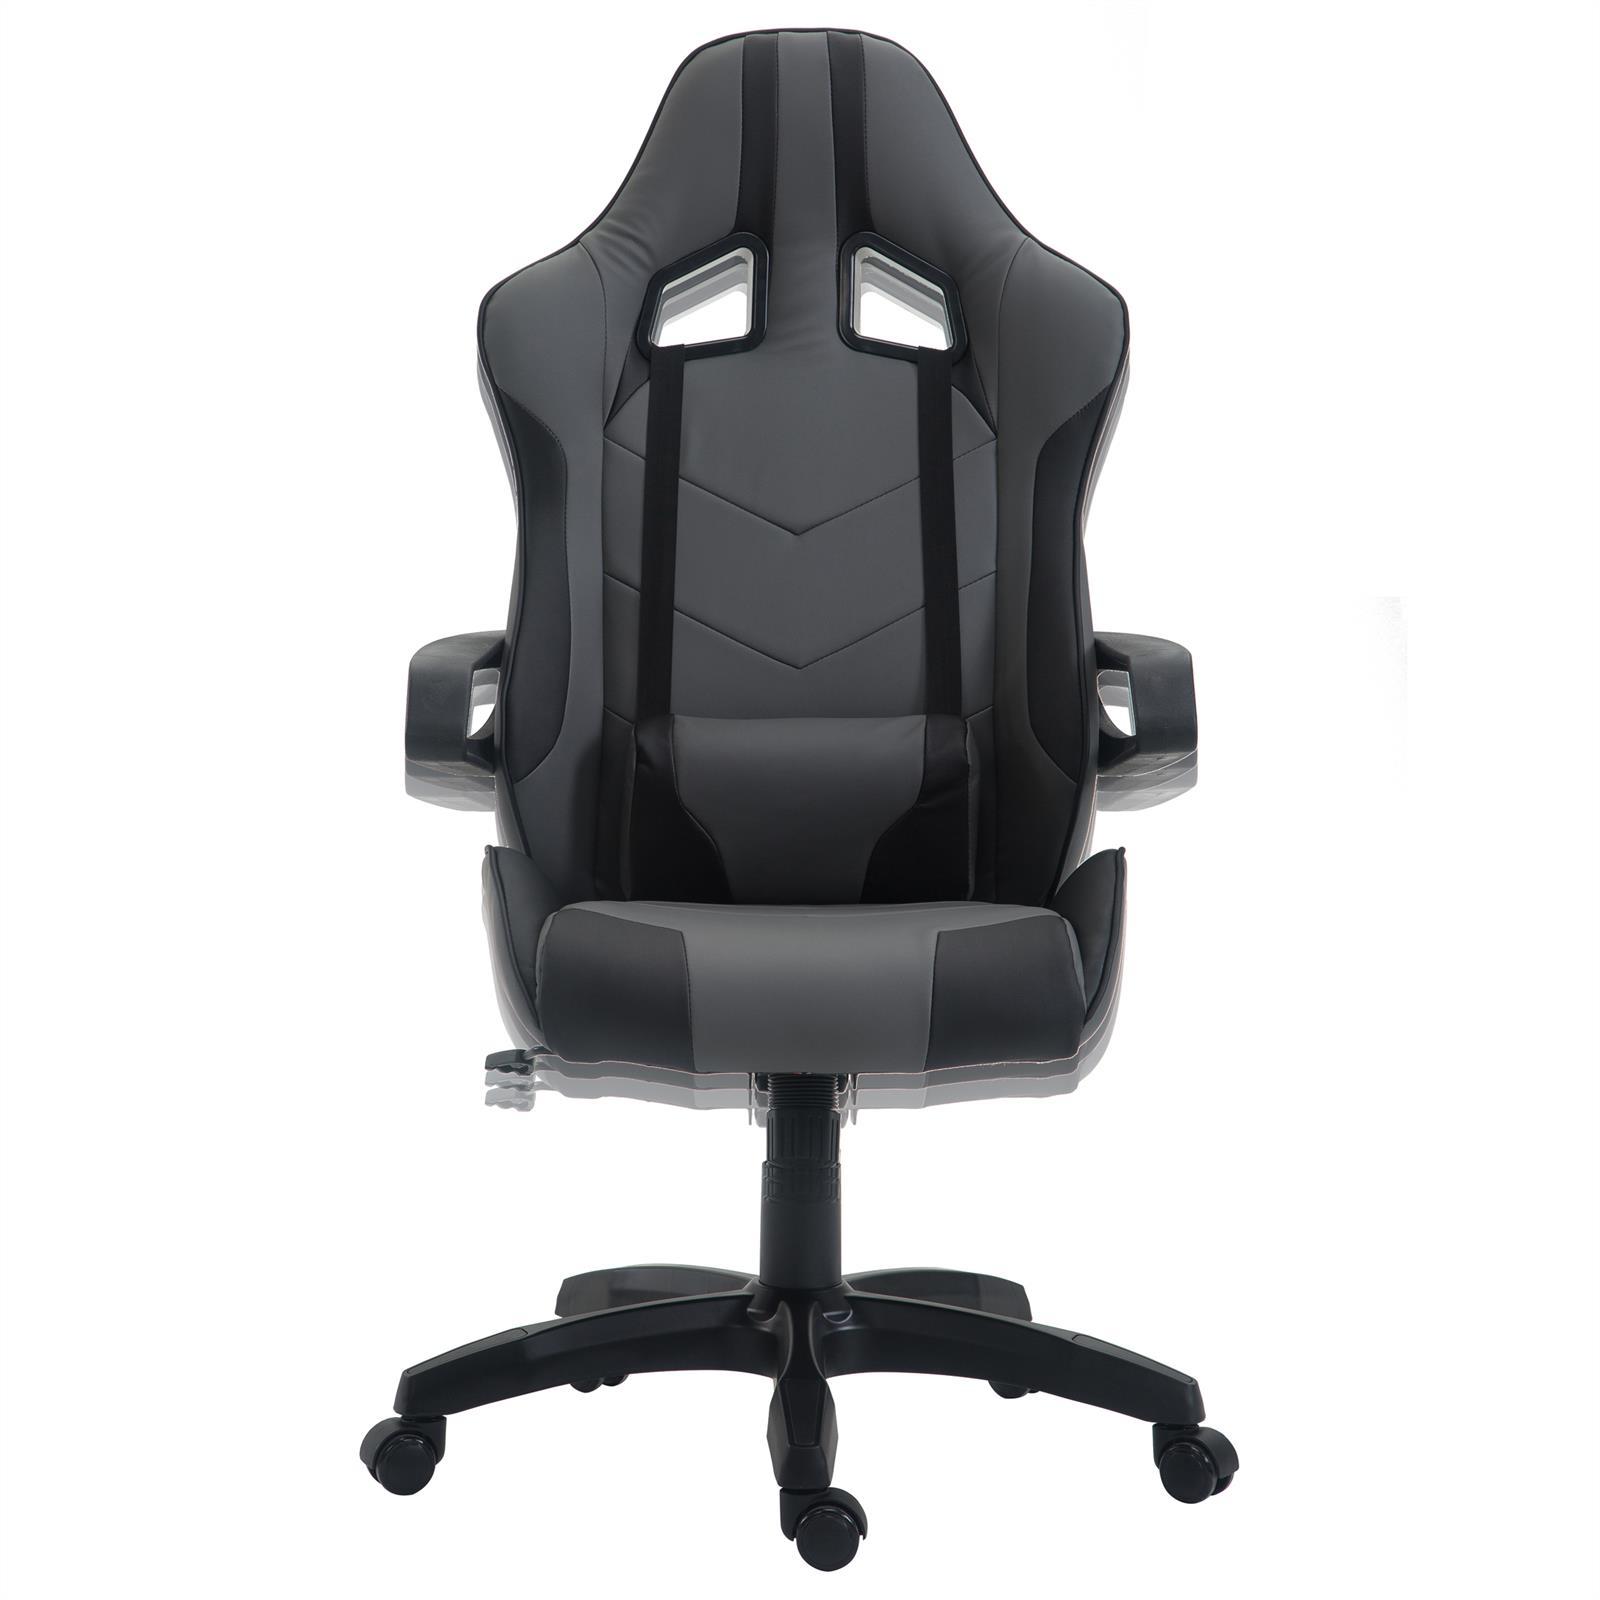 Gamer Schreibtischstuhl Für Stuhl Bürostuhl Zu Racer Gaming Chefsessel Details Drehstuhl 08OvnNwm